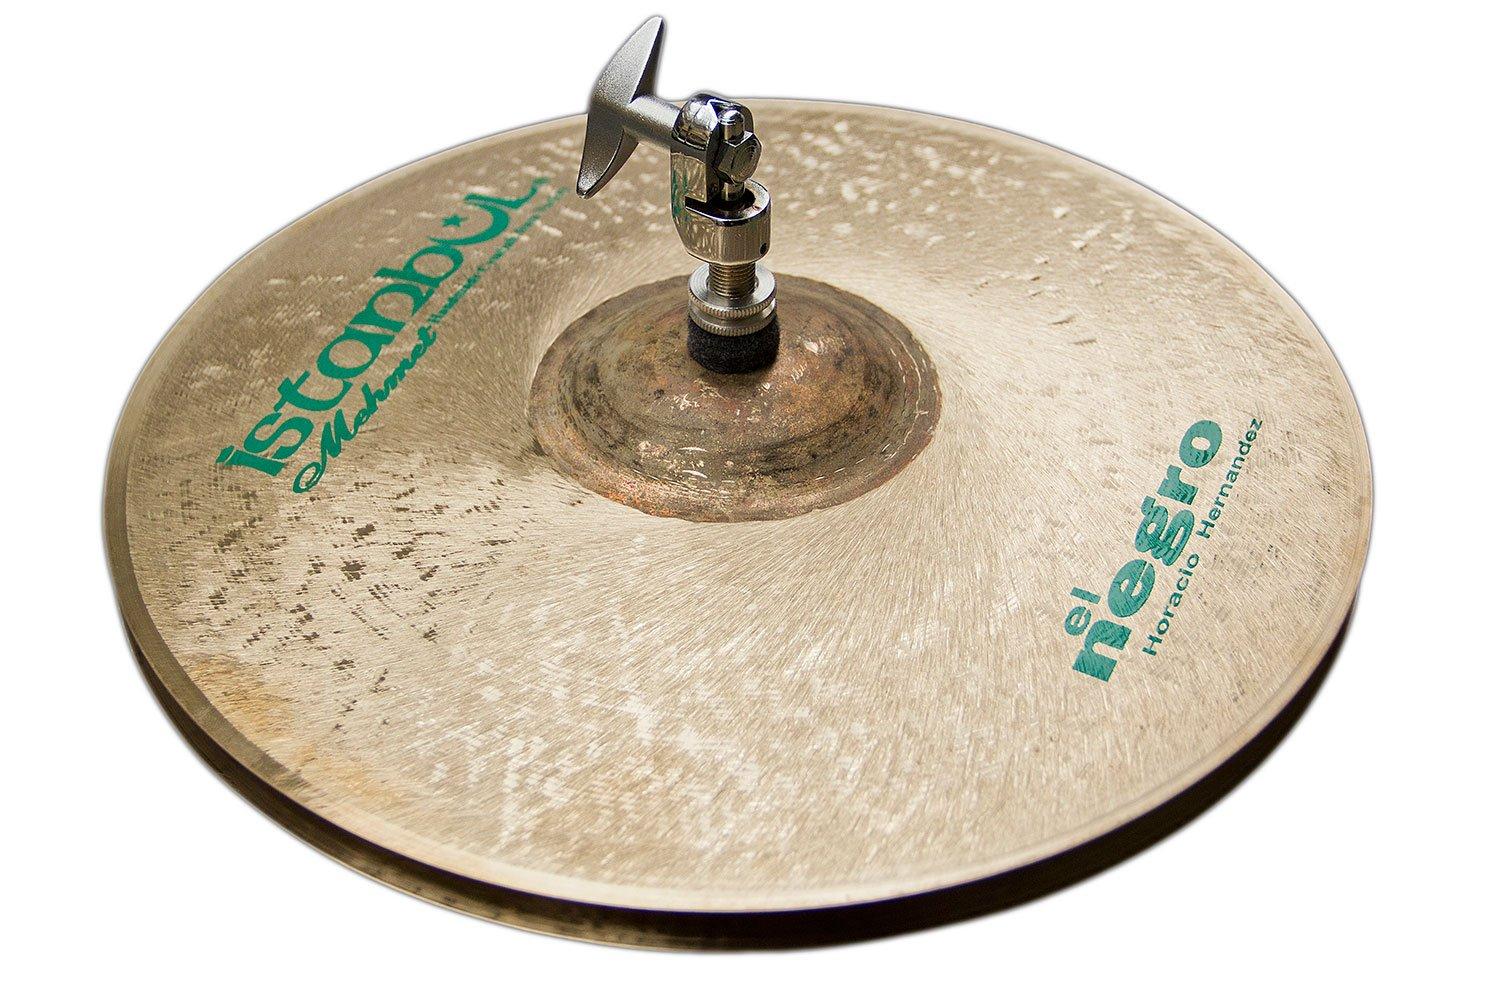 Istanbul Mehmet Cymbals Signature Series HH-HH13 13-Inch Horacio El Negro Hernandez Hi-Hat Cymbal